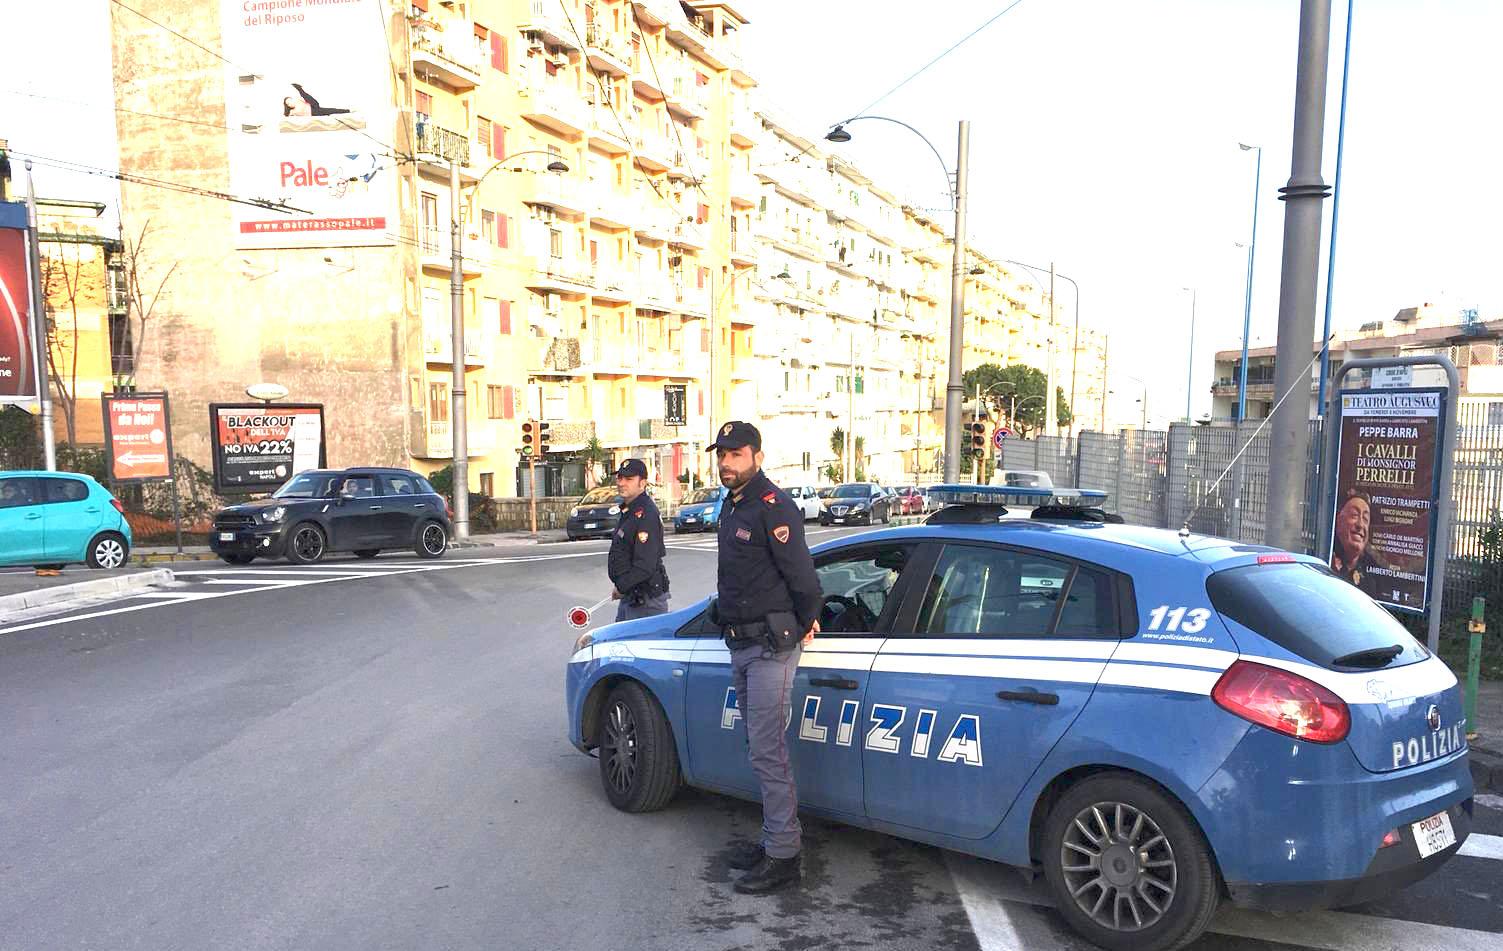 """Da rapinatori a pusher di """"erba"""", due arresti nel bunker dei Lepre - ROMA on line"""